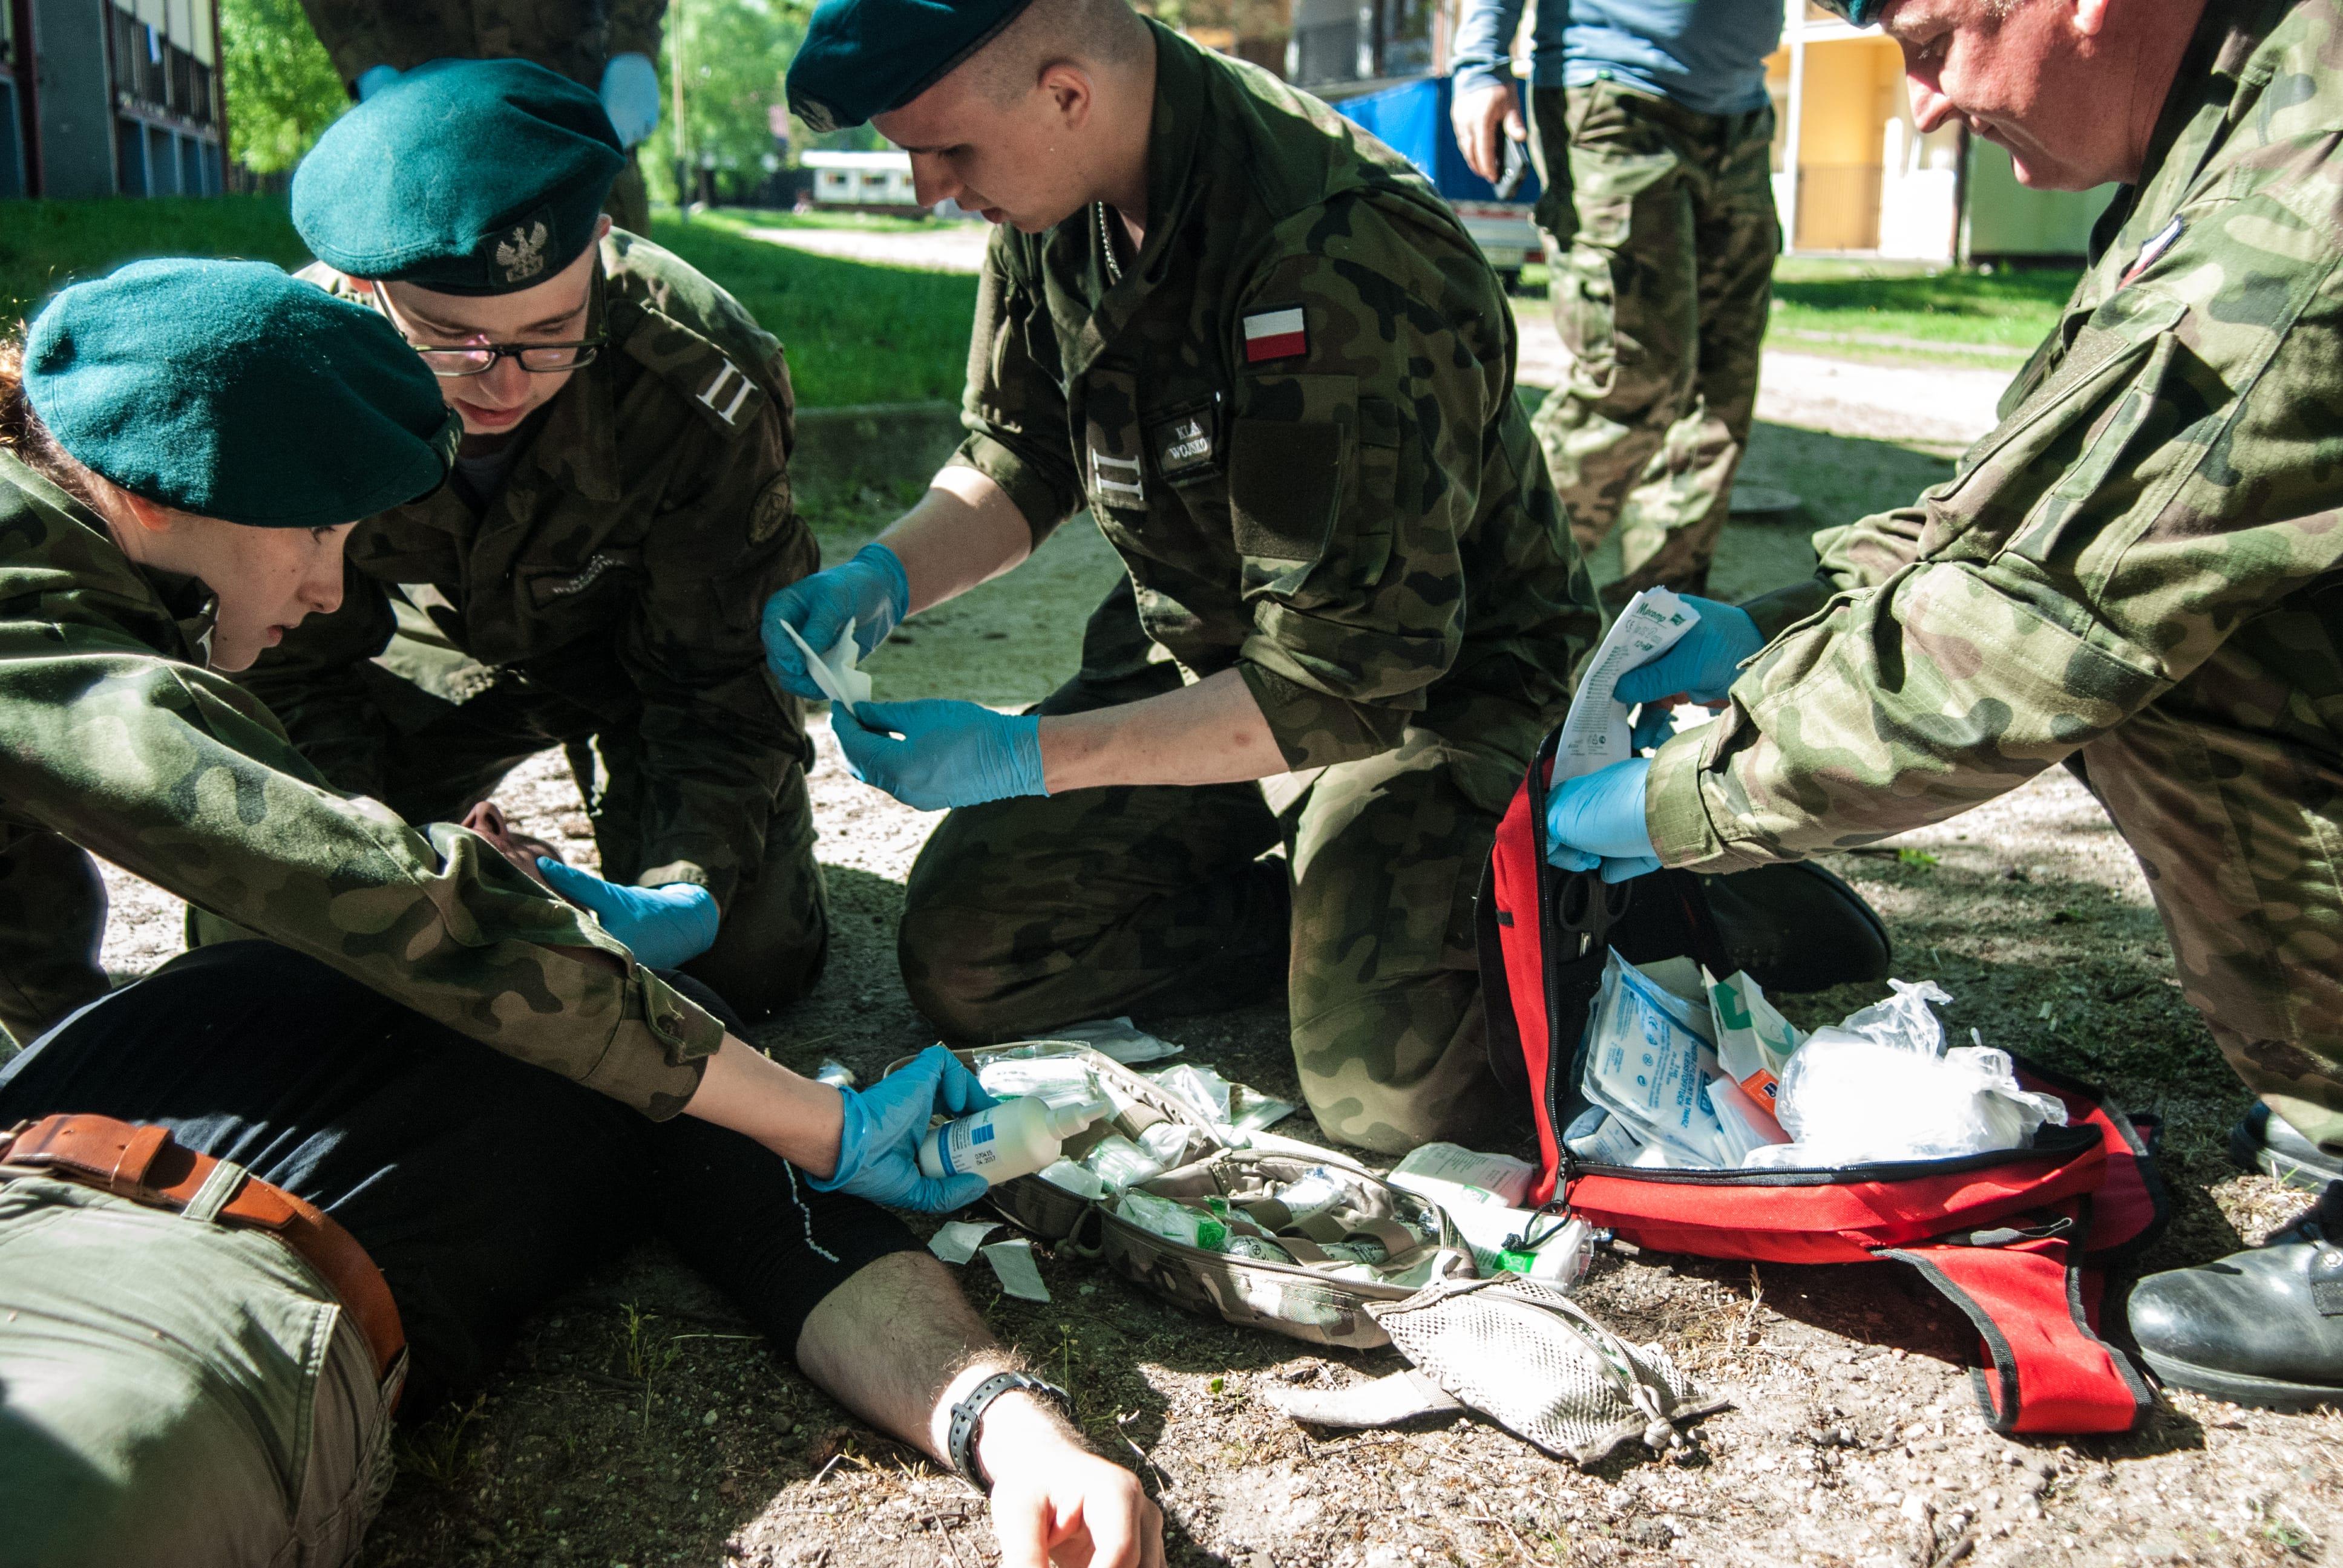 klasy mundurowe szkolenie z pierwszej pomocy, wypadek samochodowy, uraz